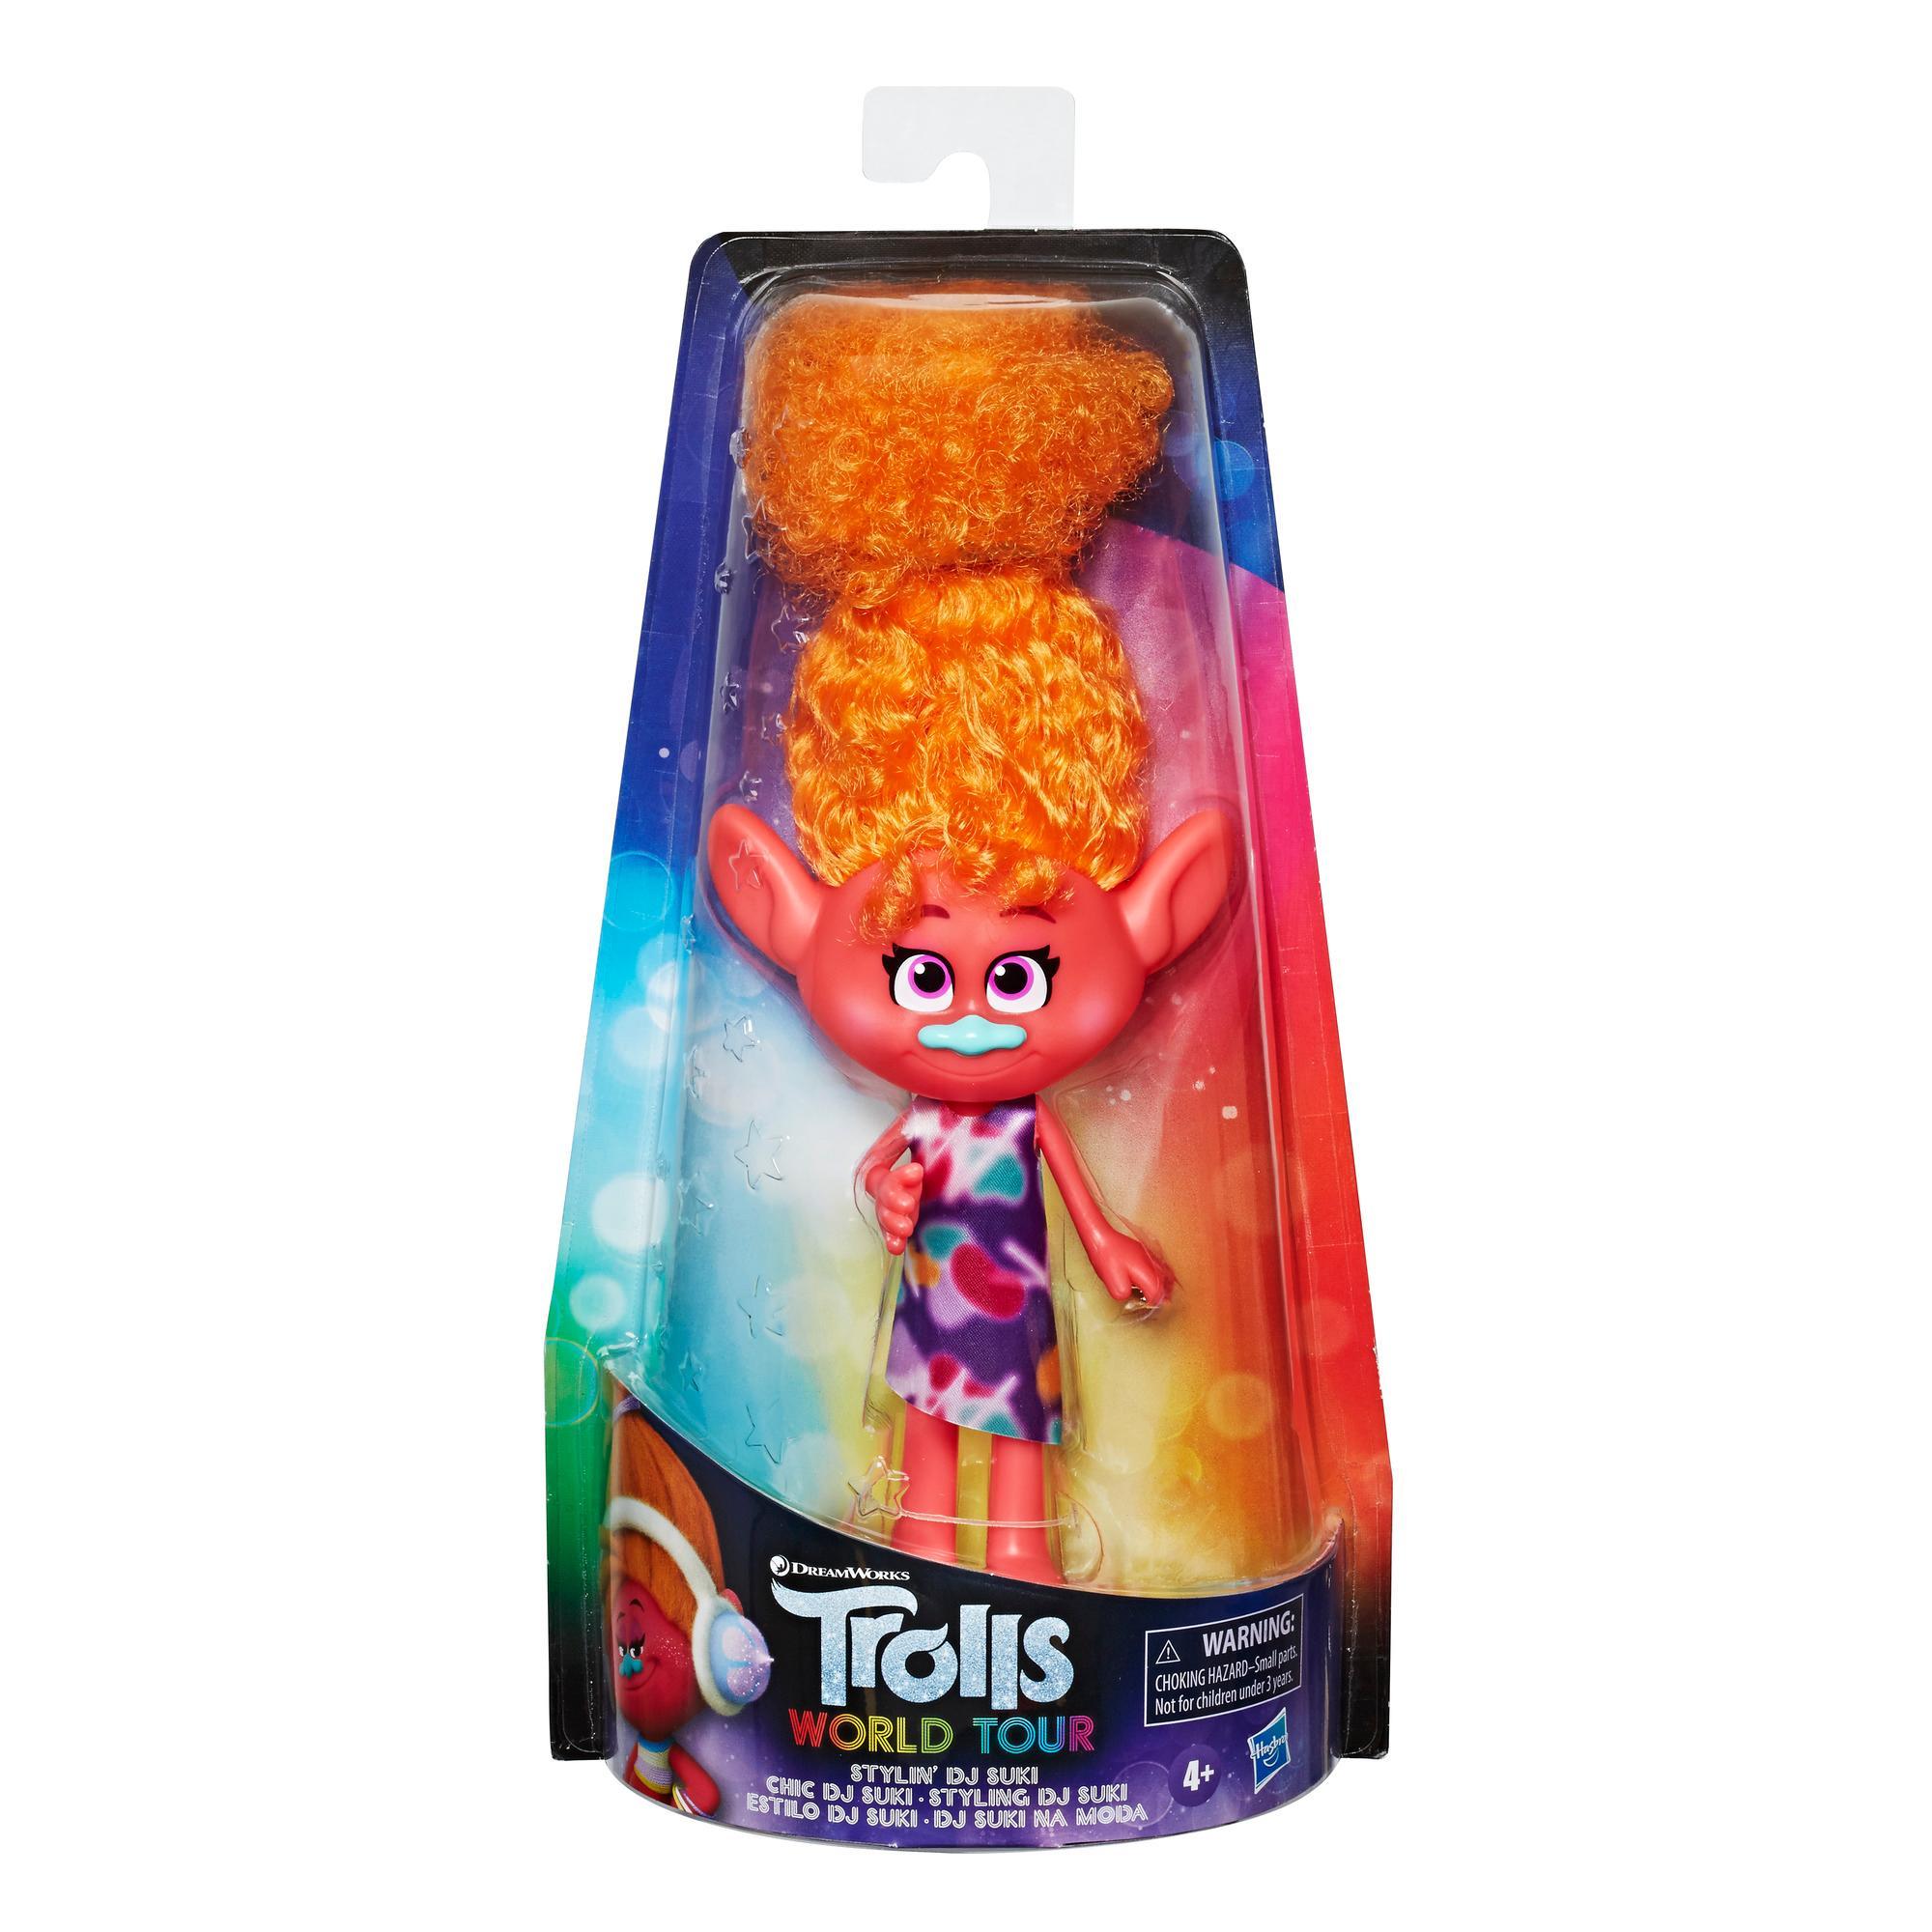 DreamWorks Trolls, bambola fashion Stylin' DJ Suki con abito removibile e accessori per capelli, ispirata a Trolls World Tour